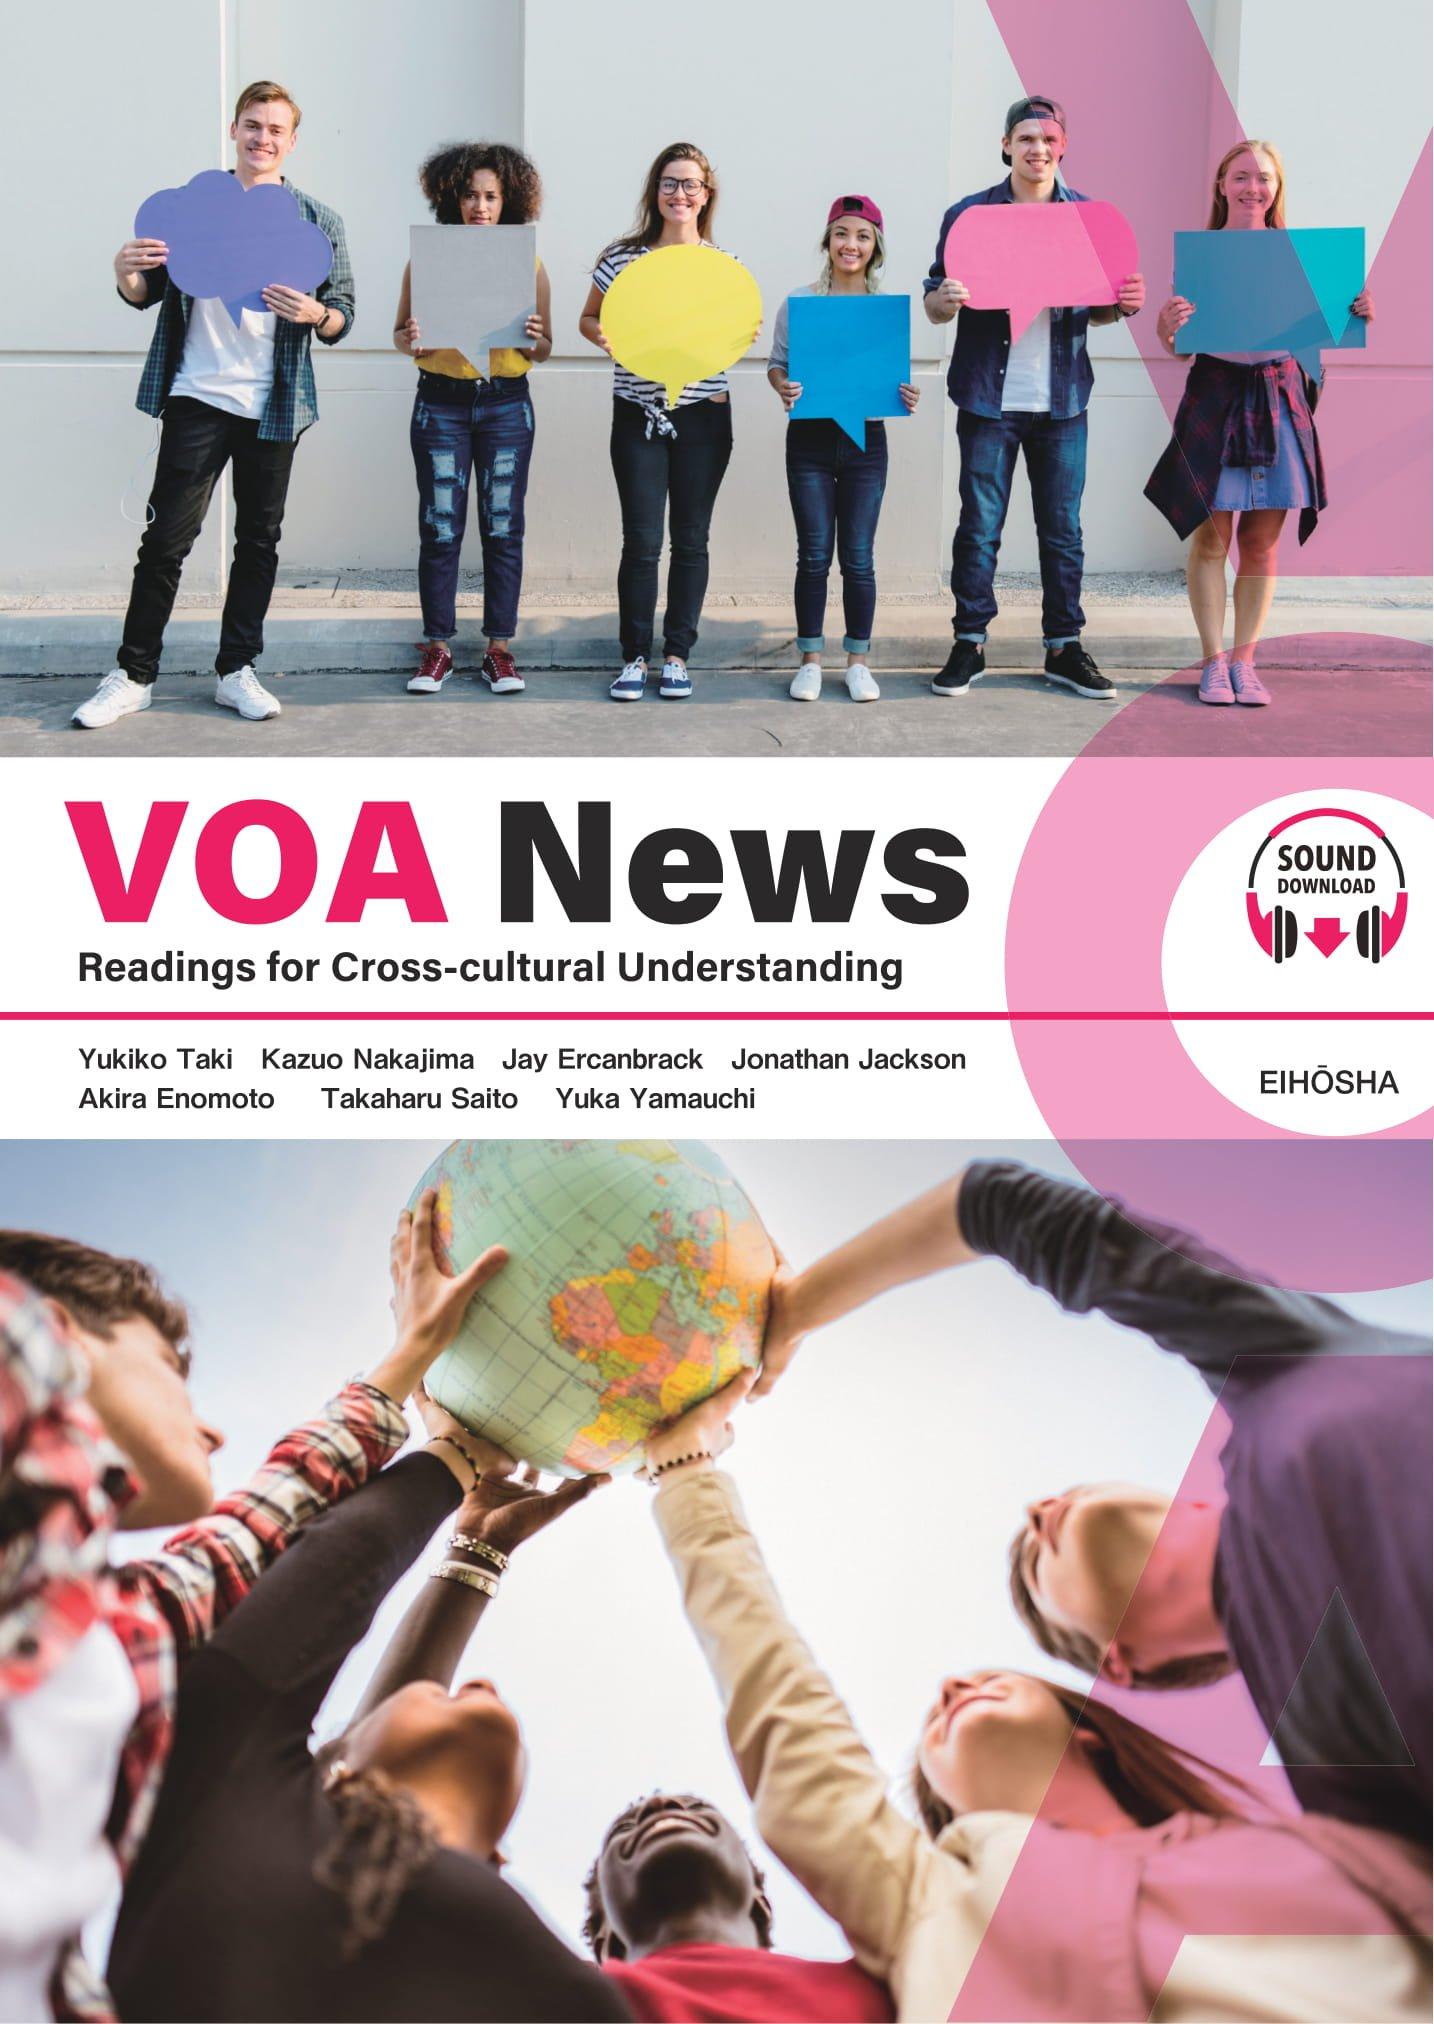 異文化理解のためのVOAニュース15